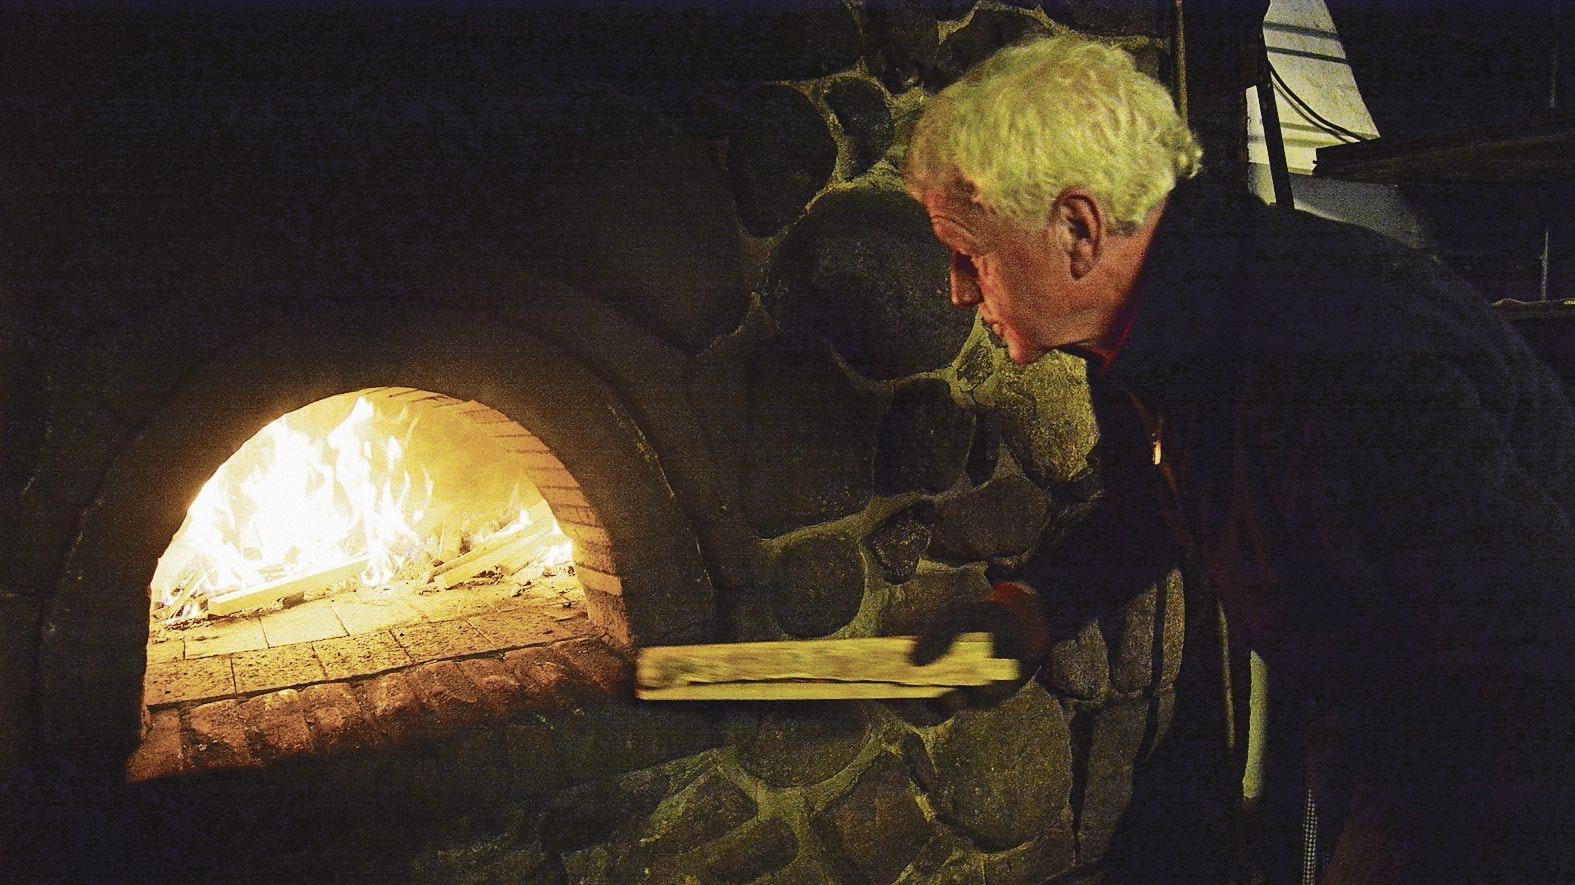 Mit Gefühl: Bäcker Heinrich Prante weiß genau, wie er mit dem historischen Steinofen umgehen muss. Foto: Hermes